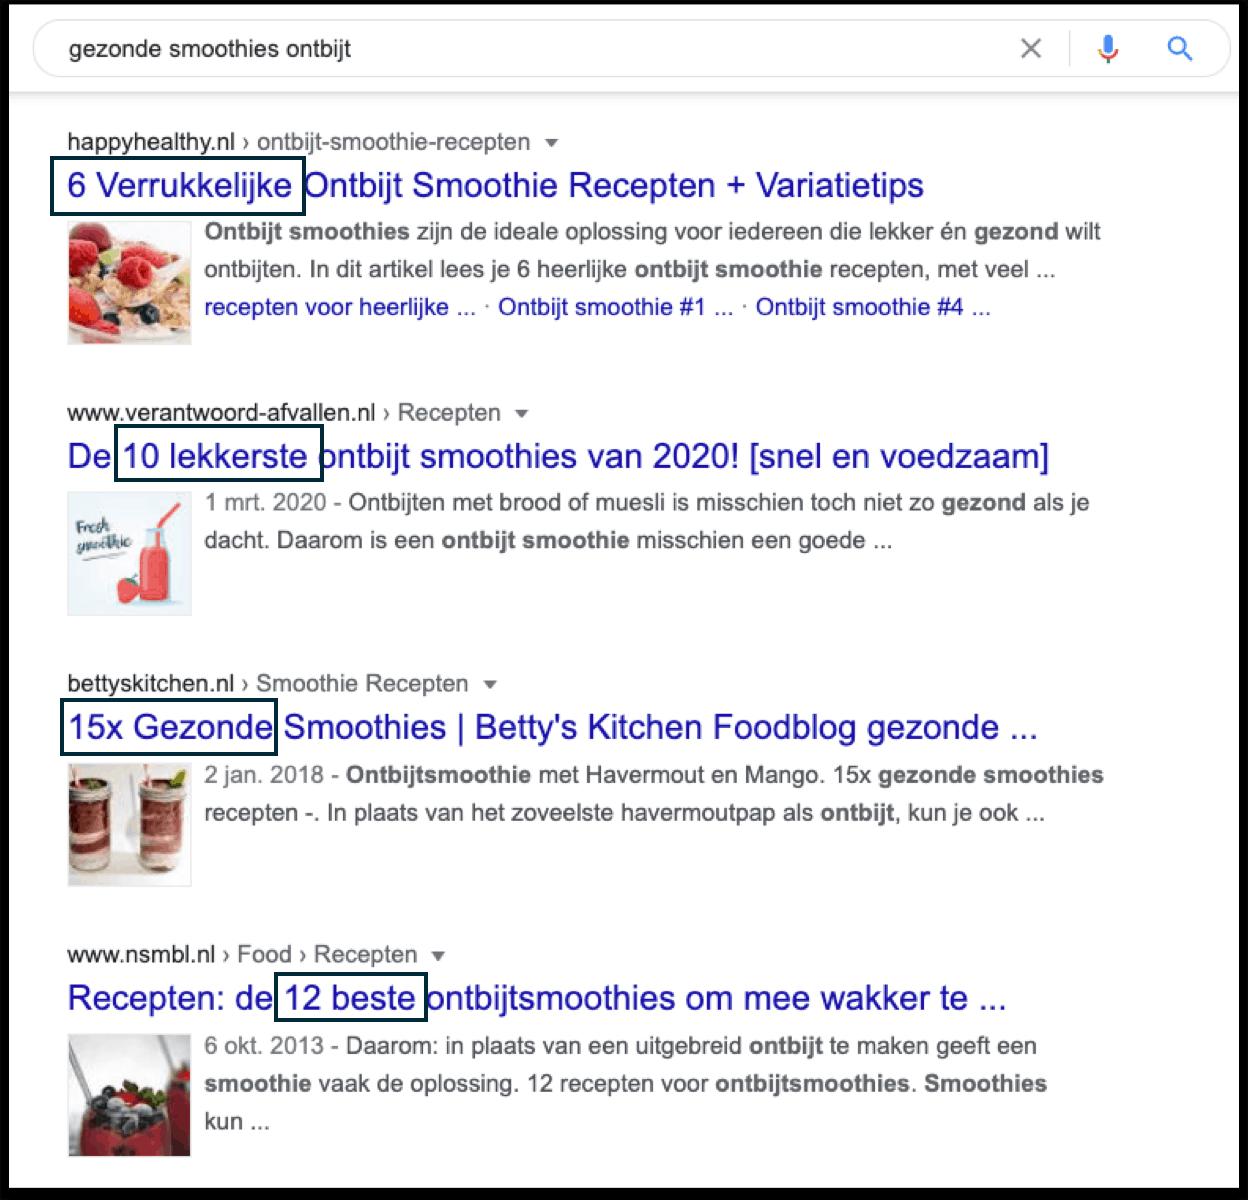 In dit voorbeeld zie je dat alle topposities recepten zijn. Het is dus niet aannemelijk dat je gaat ranken met een informatief blog over de voordelen van havermoutkoekjes. Google gaat er immers vanuit dat degene die de zoekopdracht uitvoert, op zoek is naar een recept.